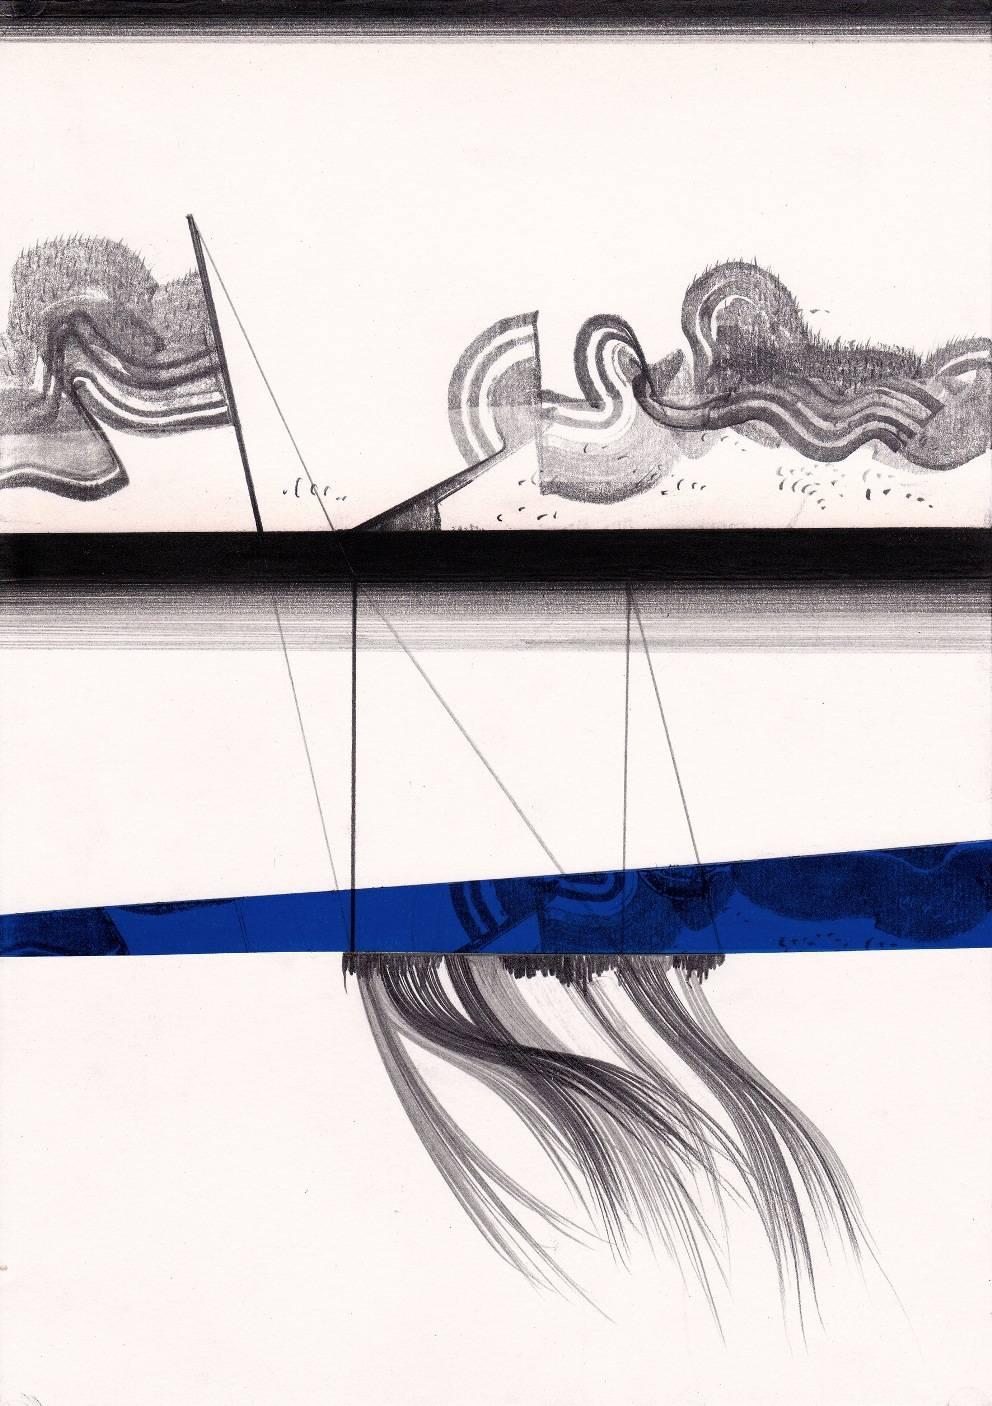 גיא גולדשטיין, Partitura for Blue Noise